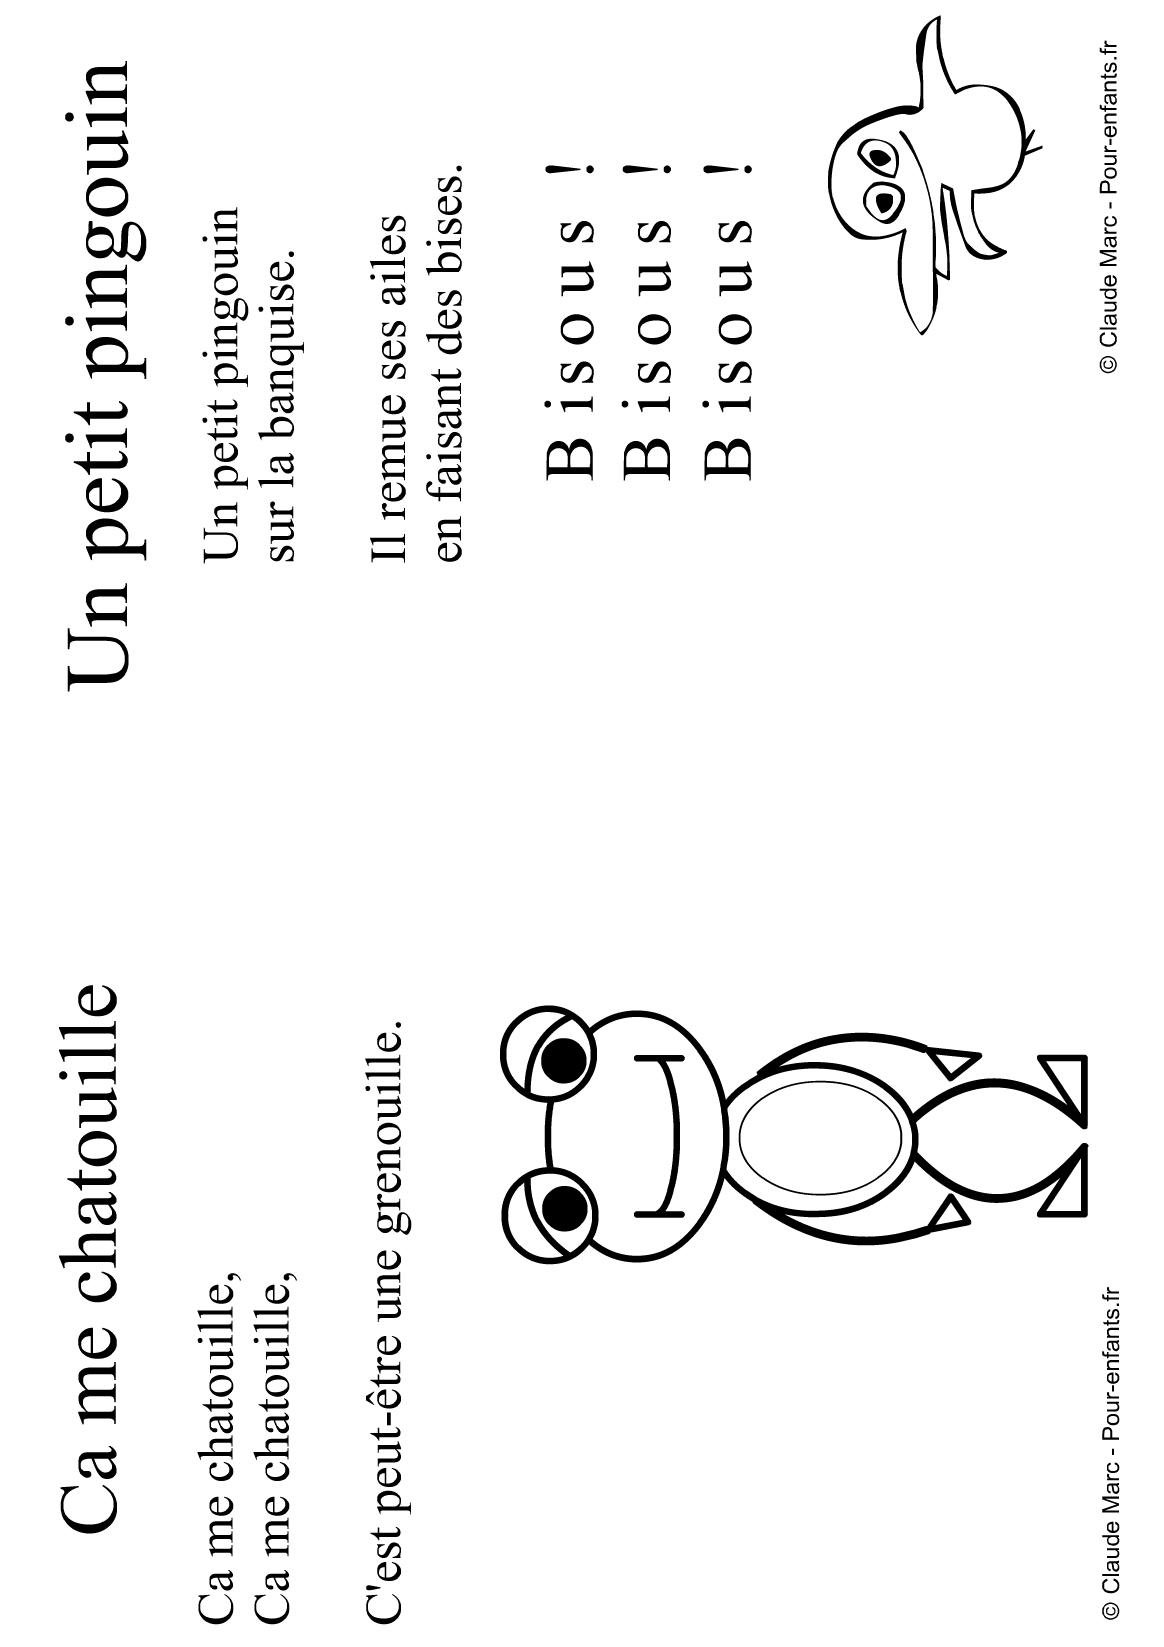 Cahier De Vacances Gratuit A Imprimer Maternelle Pour encequiconcerne Cahier De Vacances Maternelle Gratuit A Imprimer